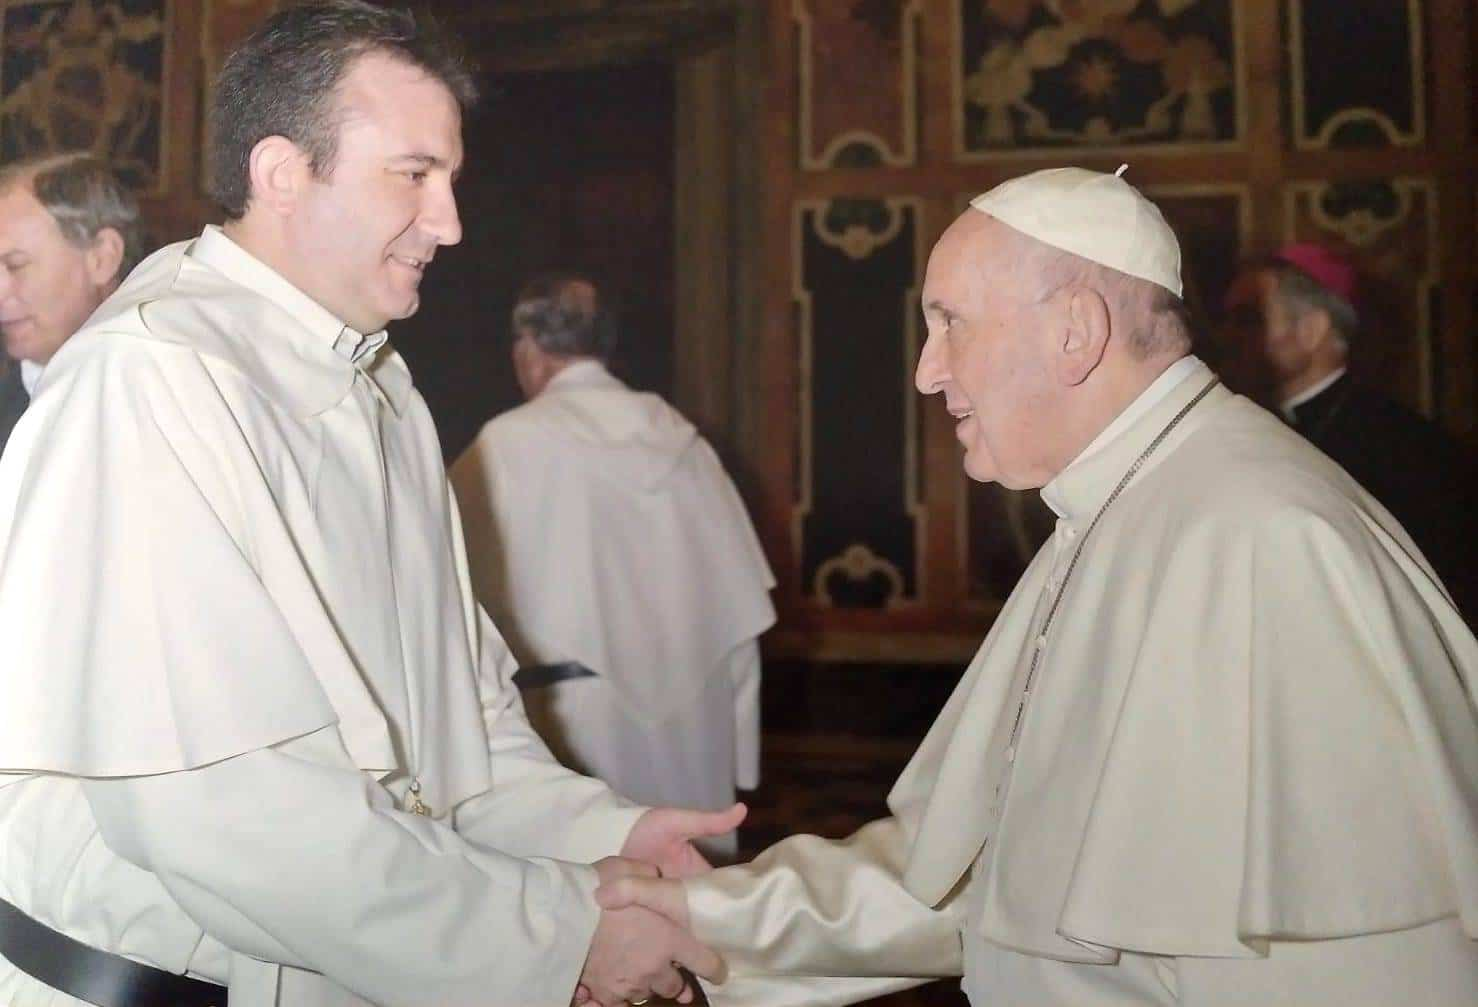 El mercedario Luis Callejas con el Papa Francisco - Luis Callejas presente en la audiencia del Papa con los mercedarios con motivo de la celebración de su jubileo